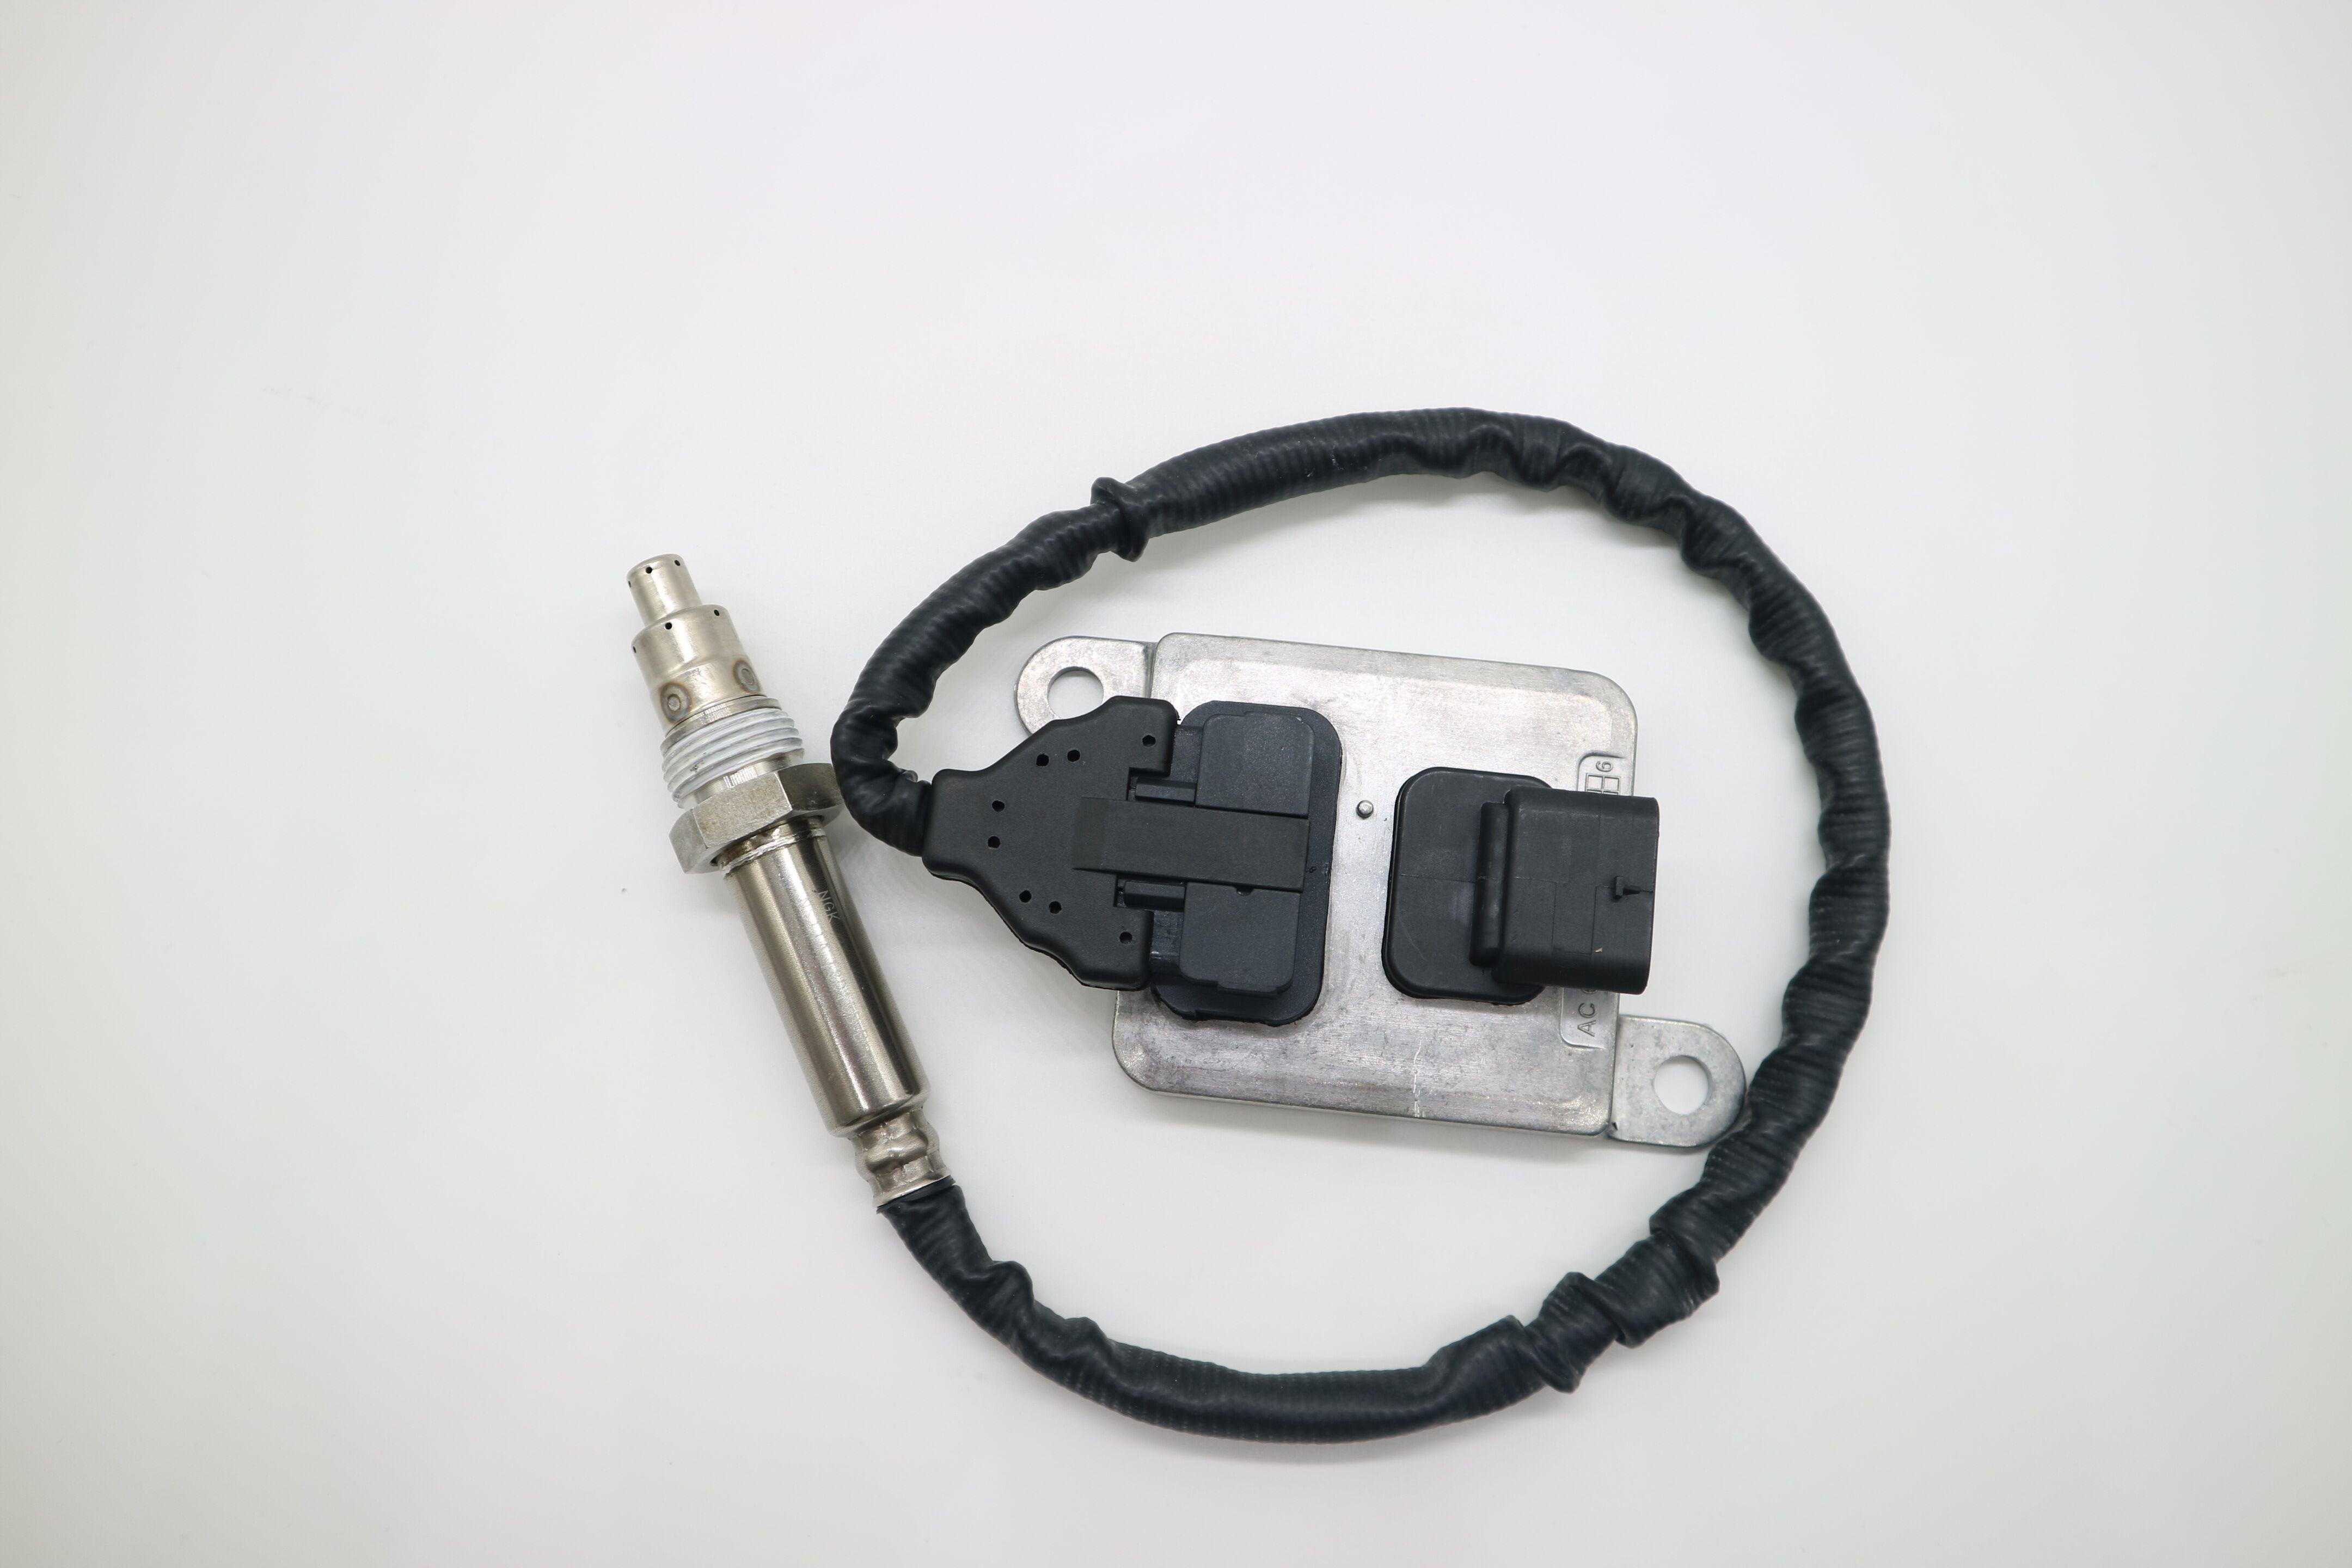 5WK97330A A2C87396000-01 a0101531528 nox sensor nitrogen oxygen sensor for mer-cedes-benz